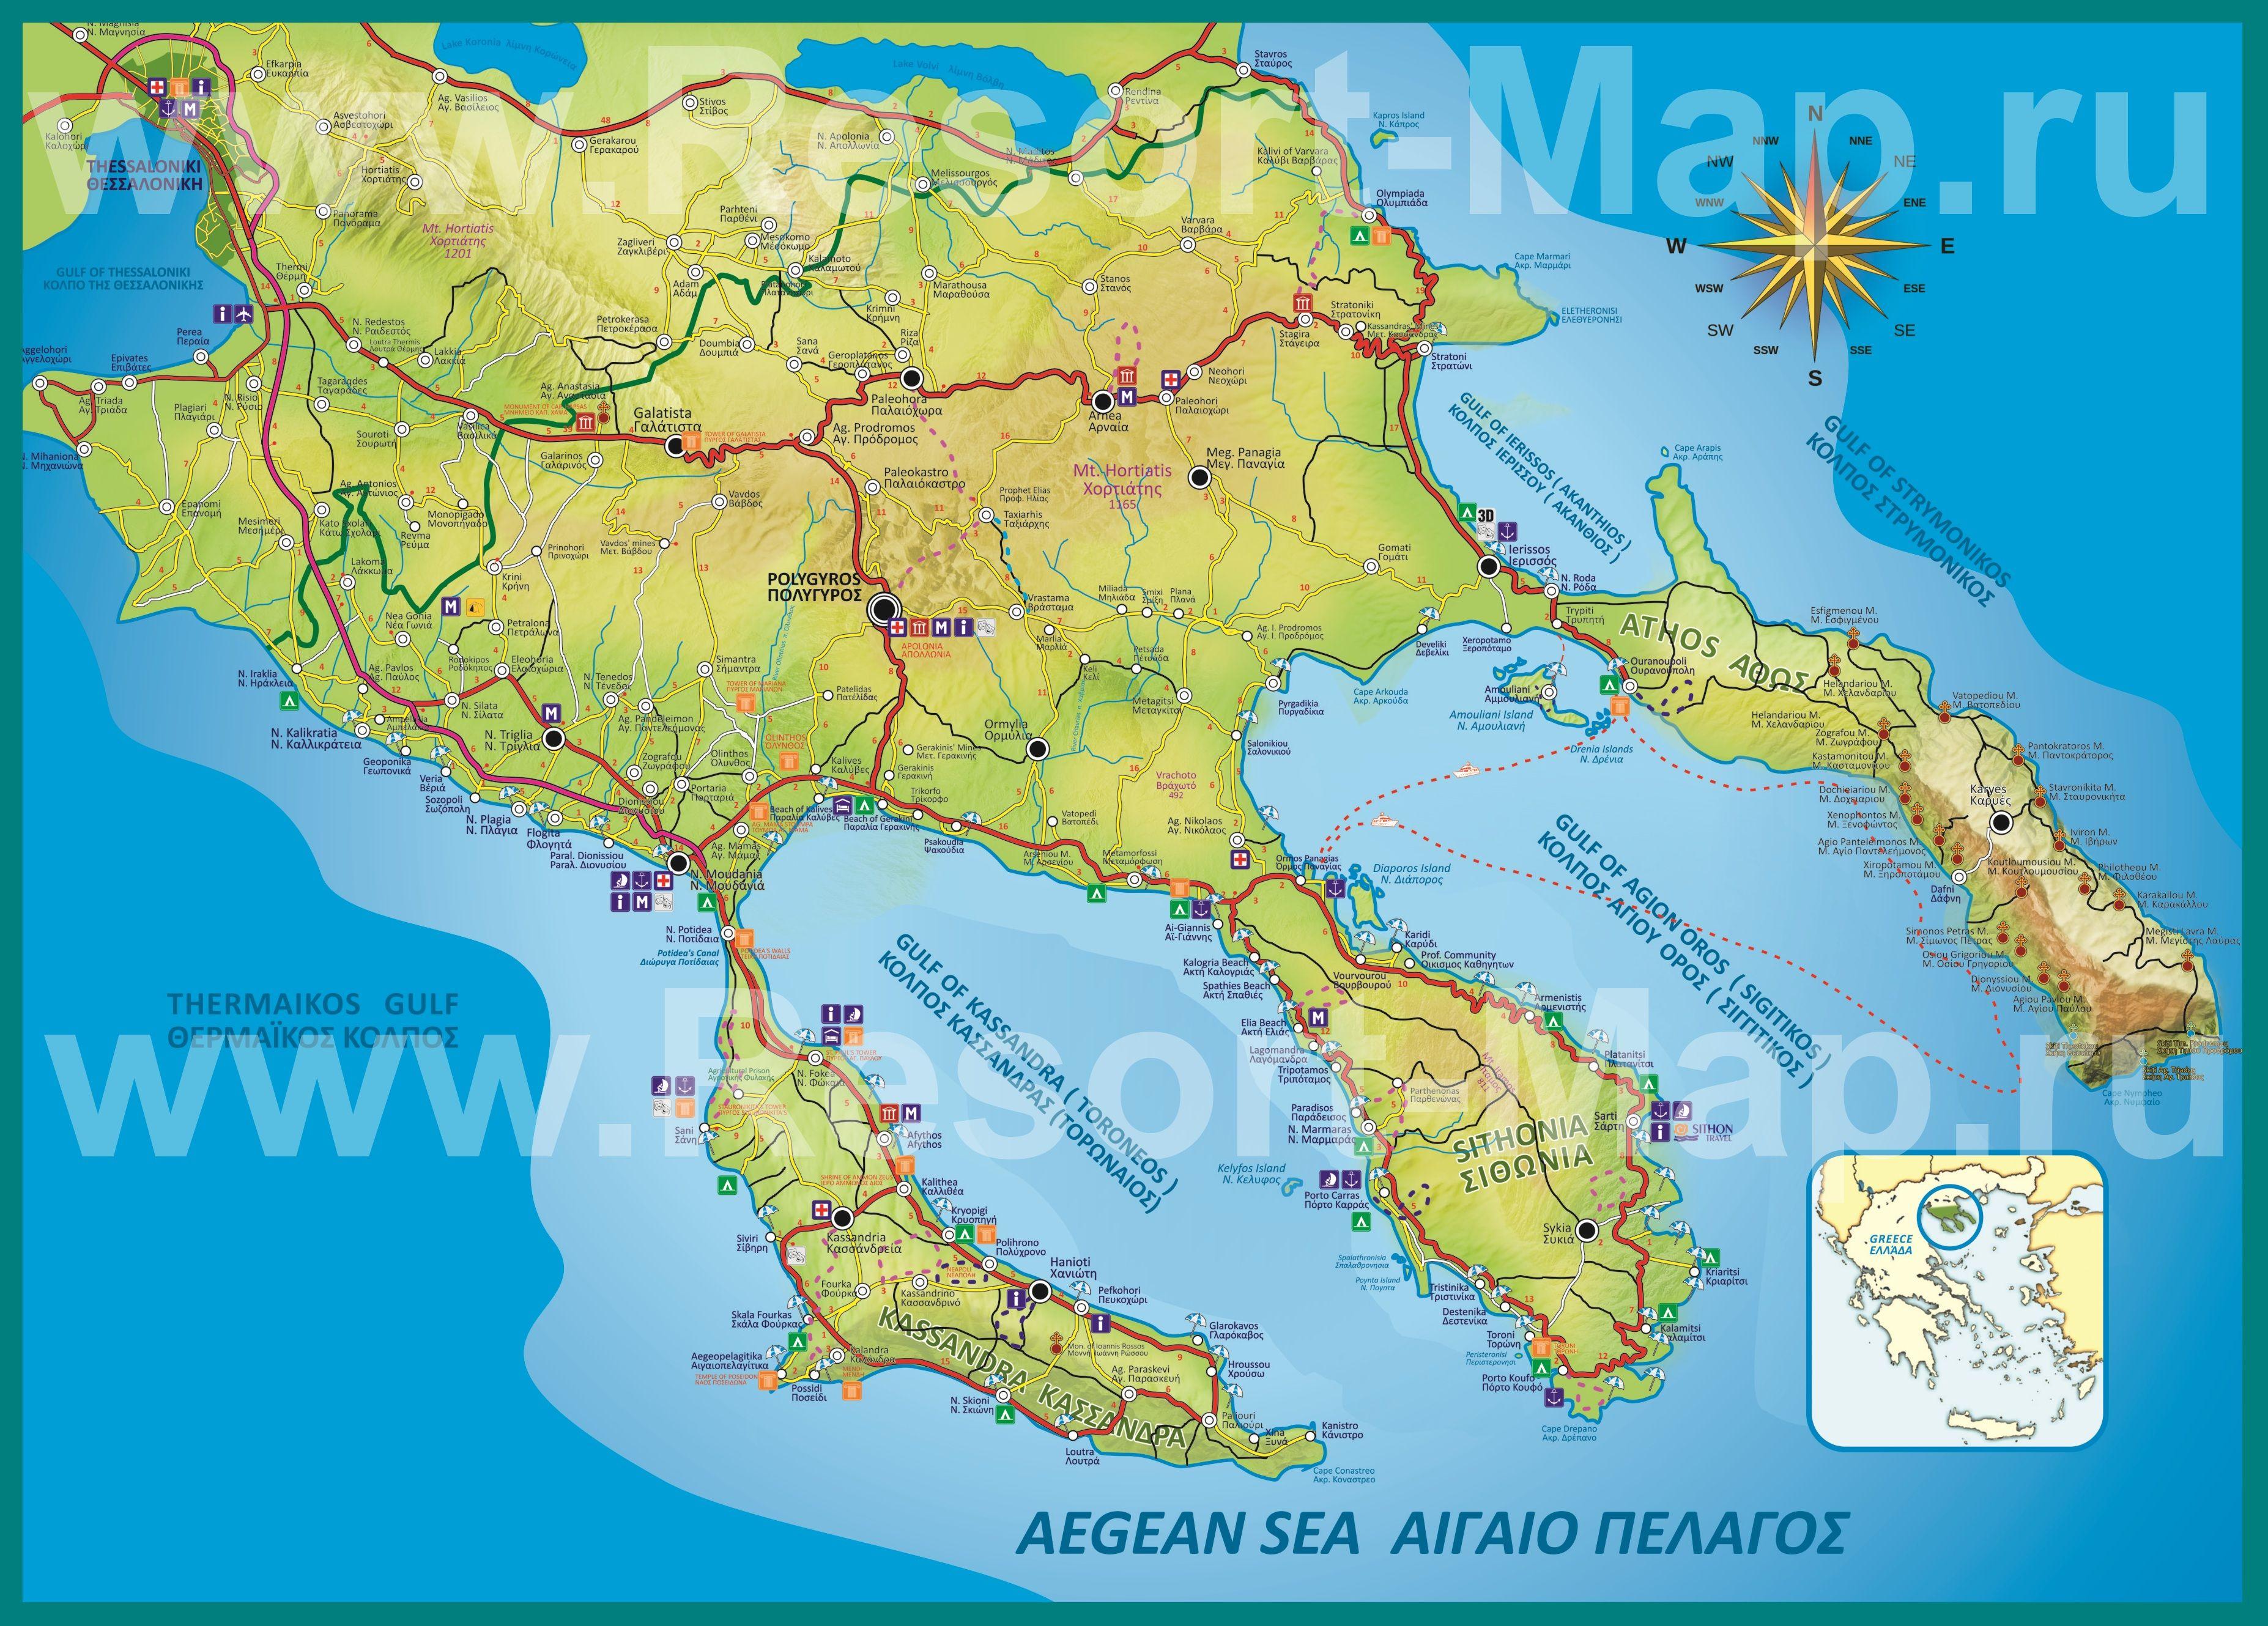 resortmapru greece kartahalkidiki podrobnayakartahalkidikijpg